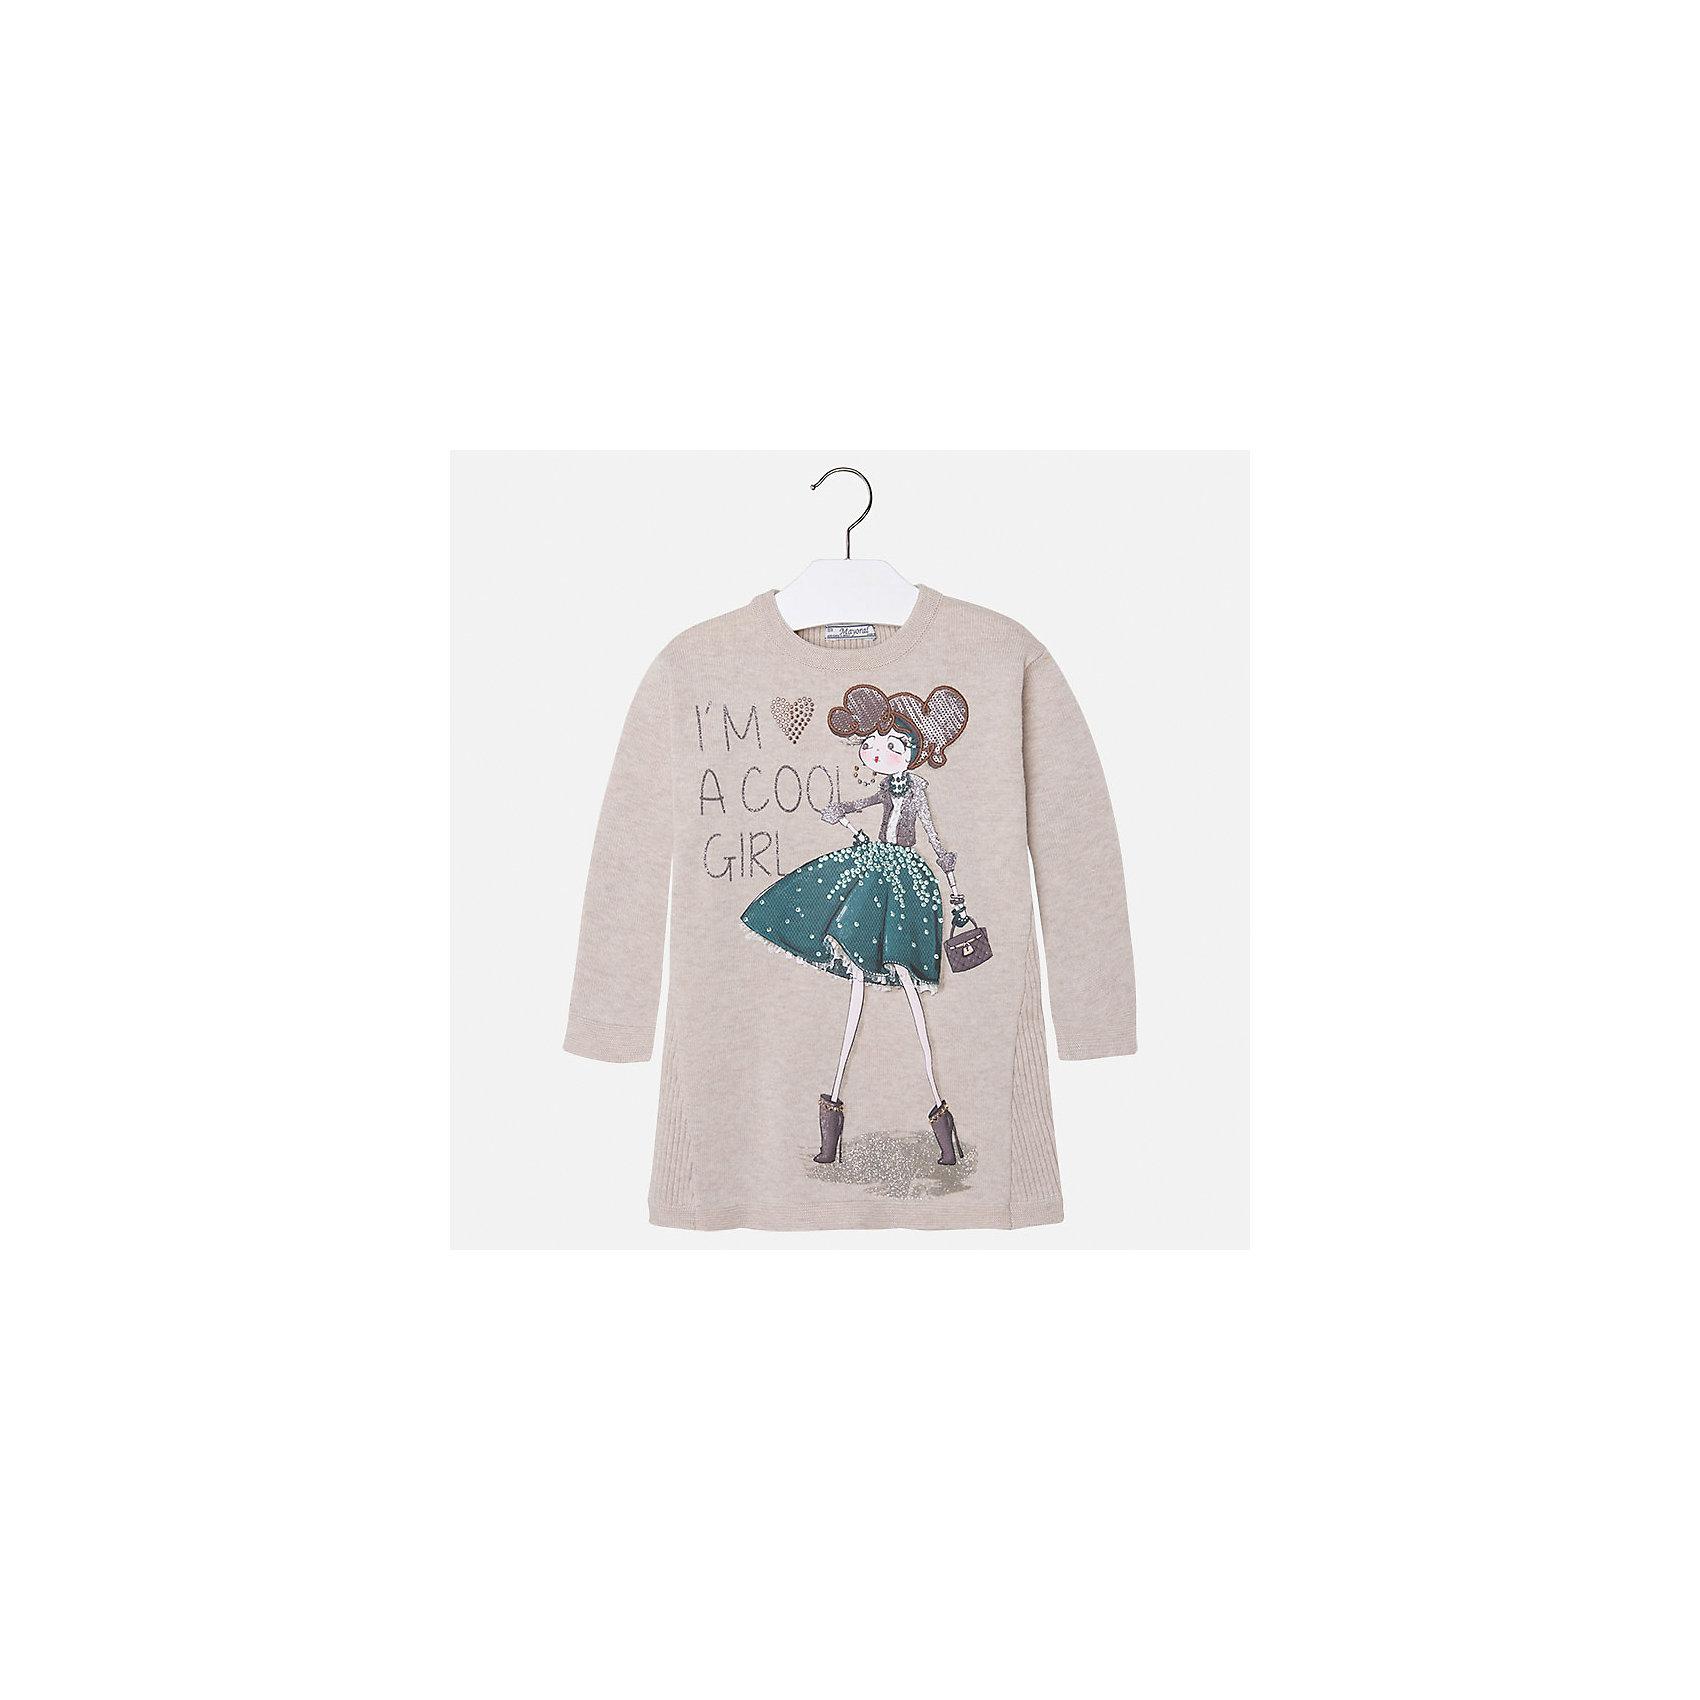 Платье для девочки MayoralОсенне-зимние платья и сарафаны<br>Платье для девочки от испанского бренда Mayoral(Майорал). Модель с длинным рукавом и крупной аппликацией спереди. Изготовлено из качественных материалов, приятных телу. Хорошо подойдет на каждый день!<br>Дополнительная информация:<br>-длинные рукава<br>-крупная аппликация со стразами<br>-цвет: бежевый<br>-состав: 50% хлопок, 50% акрил<br>Платье Mayoral(Майорал) можно купить в нашем интернет-магазине.<br><br>Ширина мм: 236<br>Глубина мм: 16<br>Высота мм: 184<br>Вес г: 177<br>Цвет: бежевый<br>Возраст от месяцев: 36<br>Возраст до месяцев: 48<br>Пол: Женский<br>Возраст: Детский<br>Размер: 104,92,122,98,110,128,116,134<br>SKU: 4844502